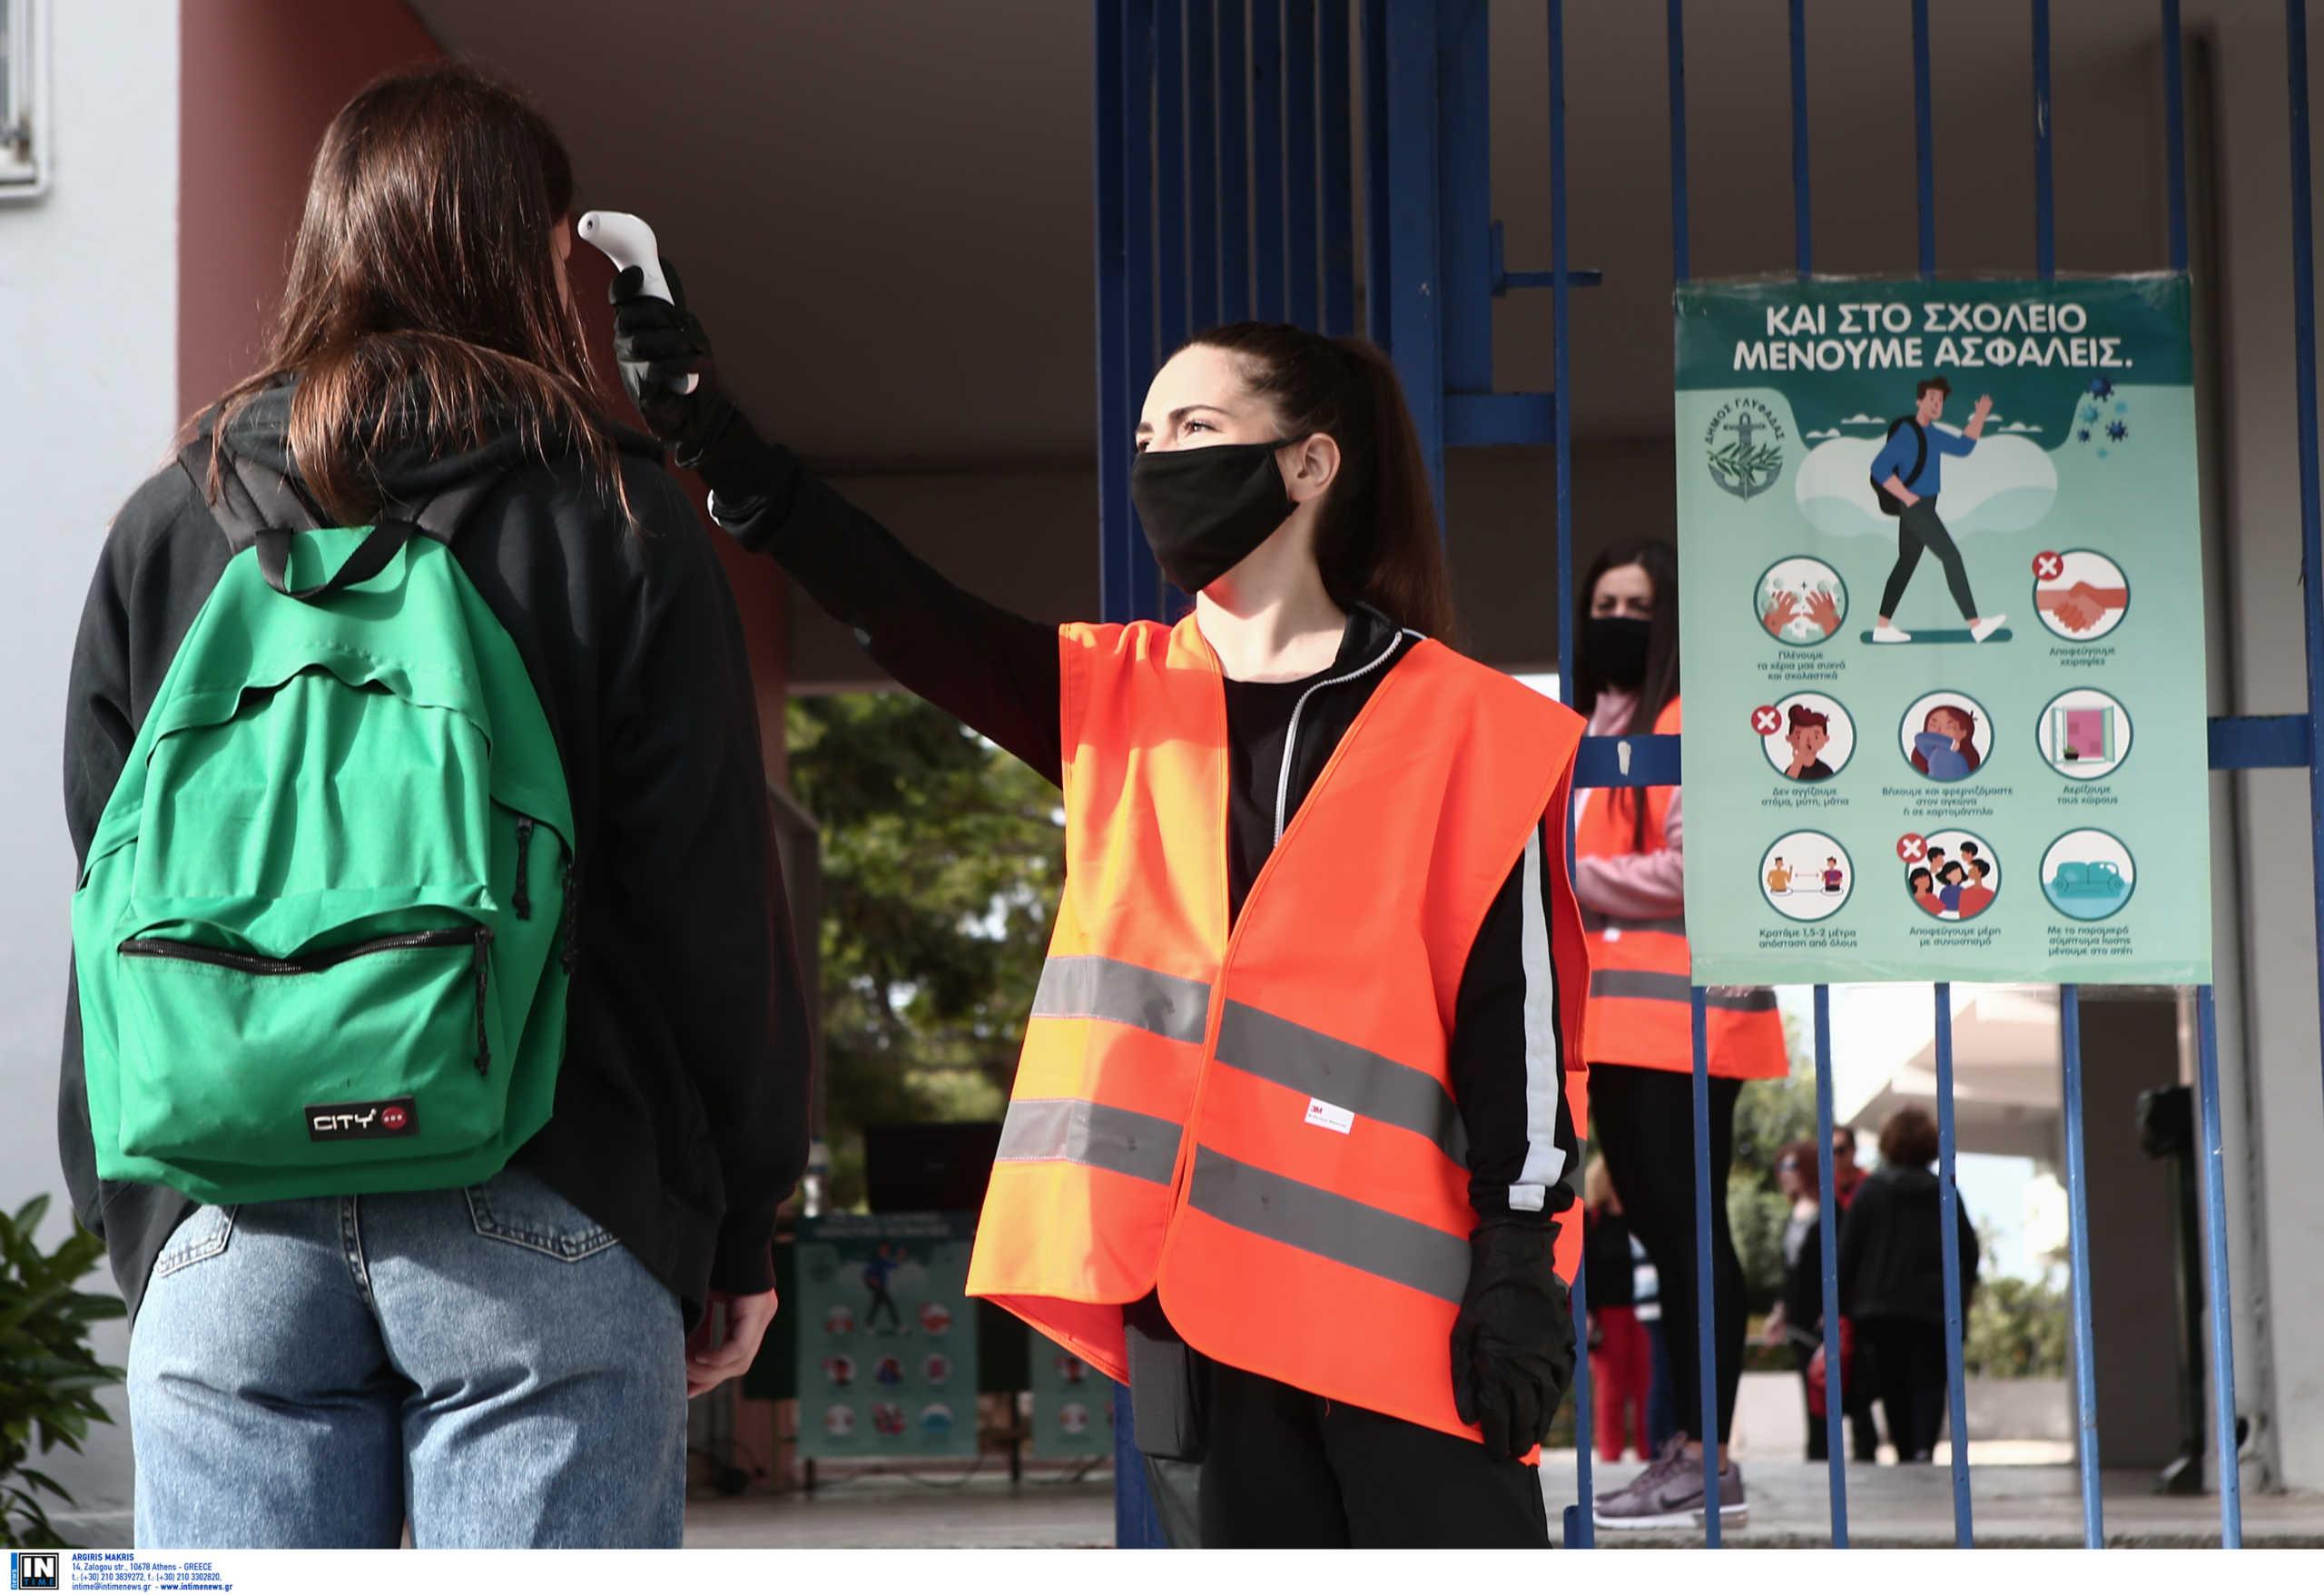 Μόνο μια μάσκα θα περιμένει κάθε μαθητή την Δευτέρα στα σχολεία – Πότε θα πάρουν τις υπόλοιπες